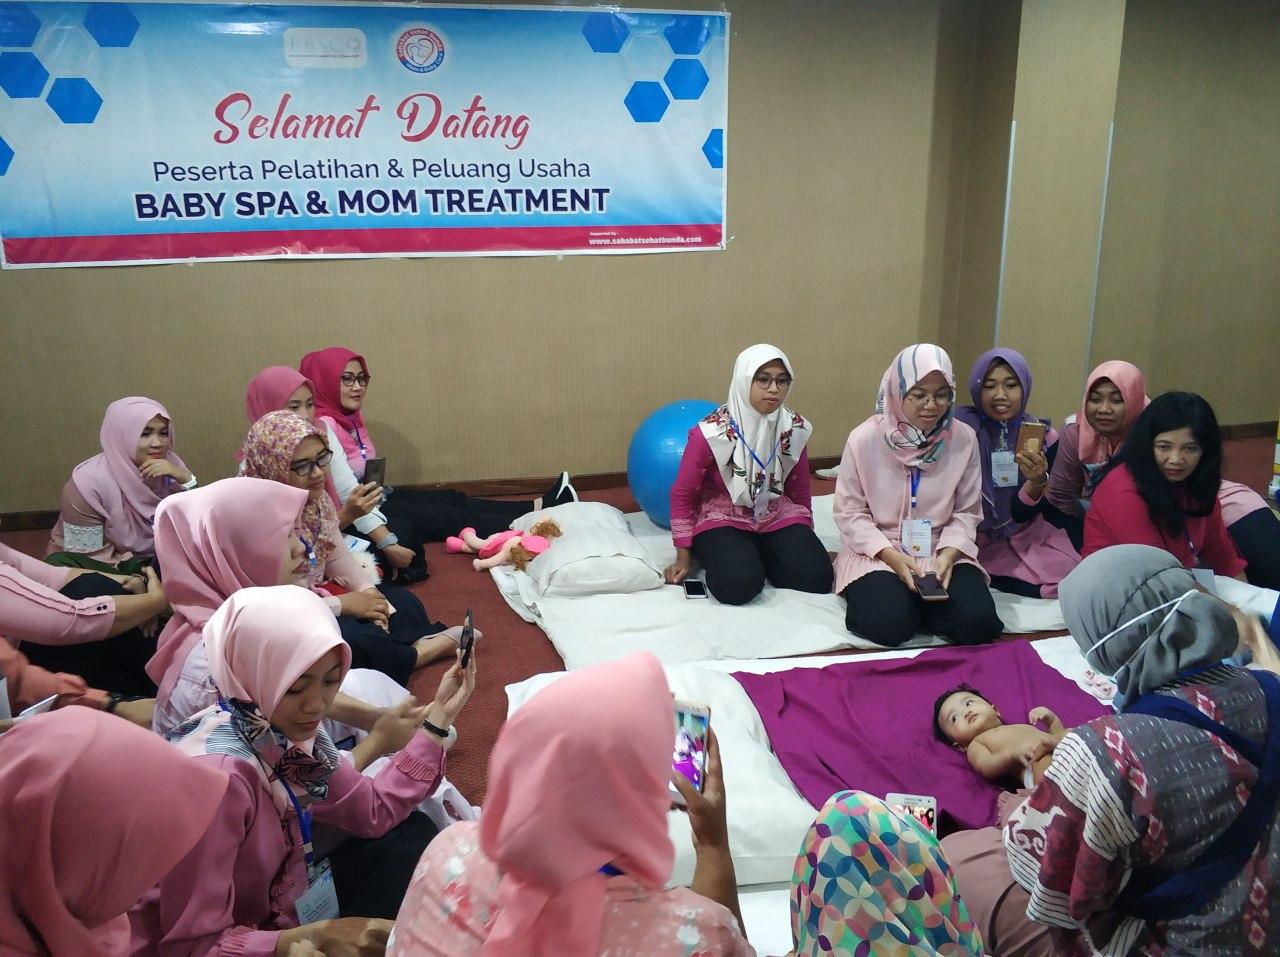 praktek langsung baby spa